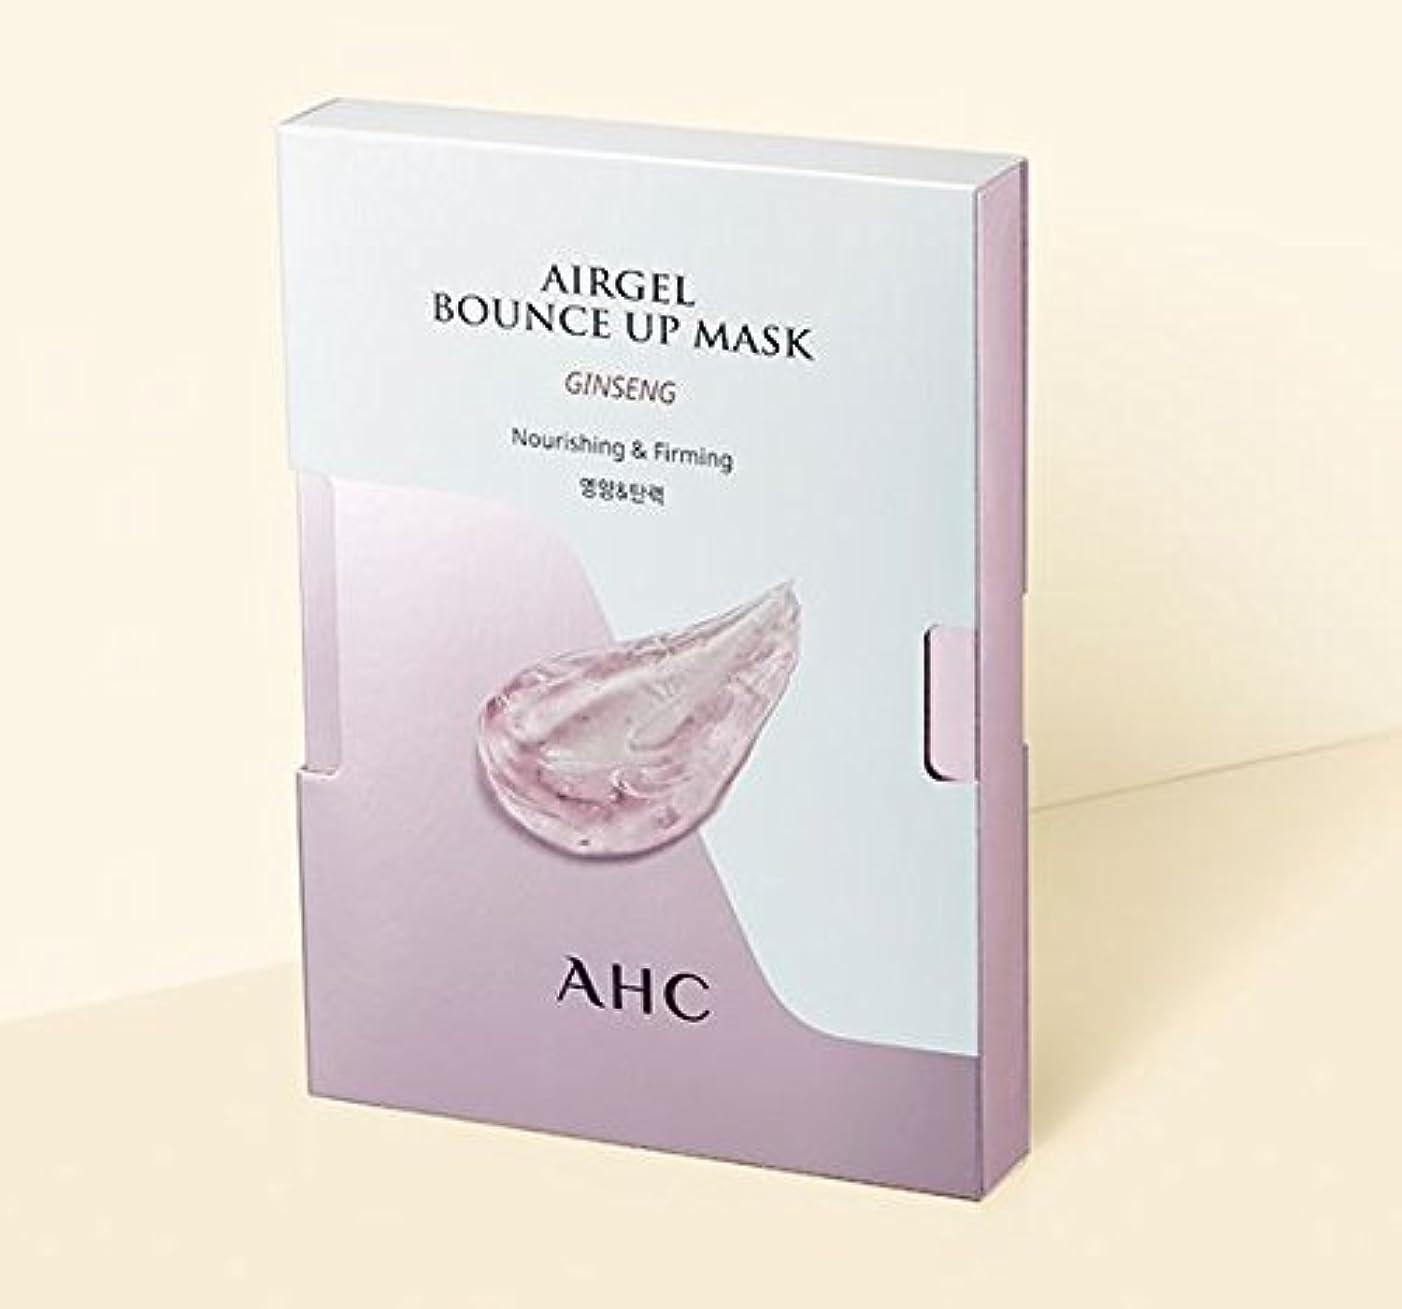 海藻社員コメンテーター[A.H.C] Airgel Bounce Up Mask GINSENG (Nourishing&Firming)30g*5sheet/ジンセンエアゲルマスク30g*5枚 [並行輸入品]